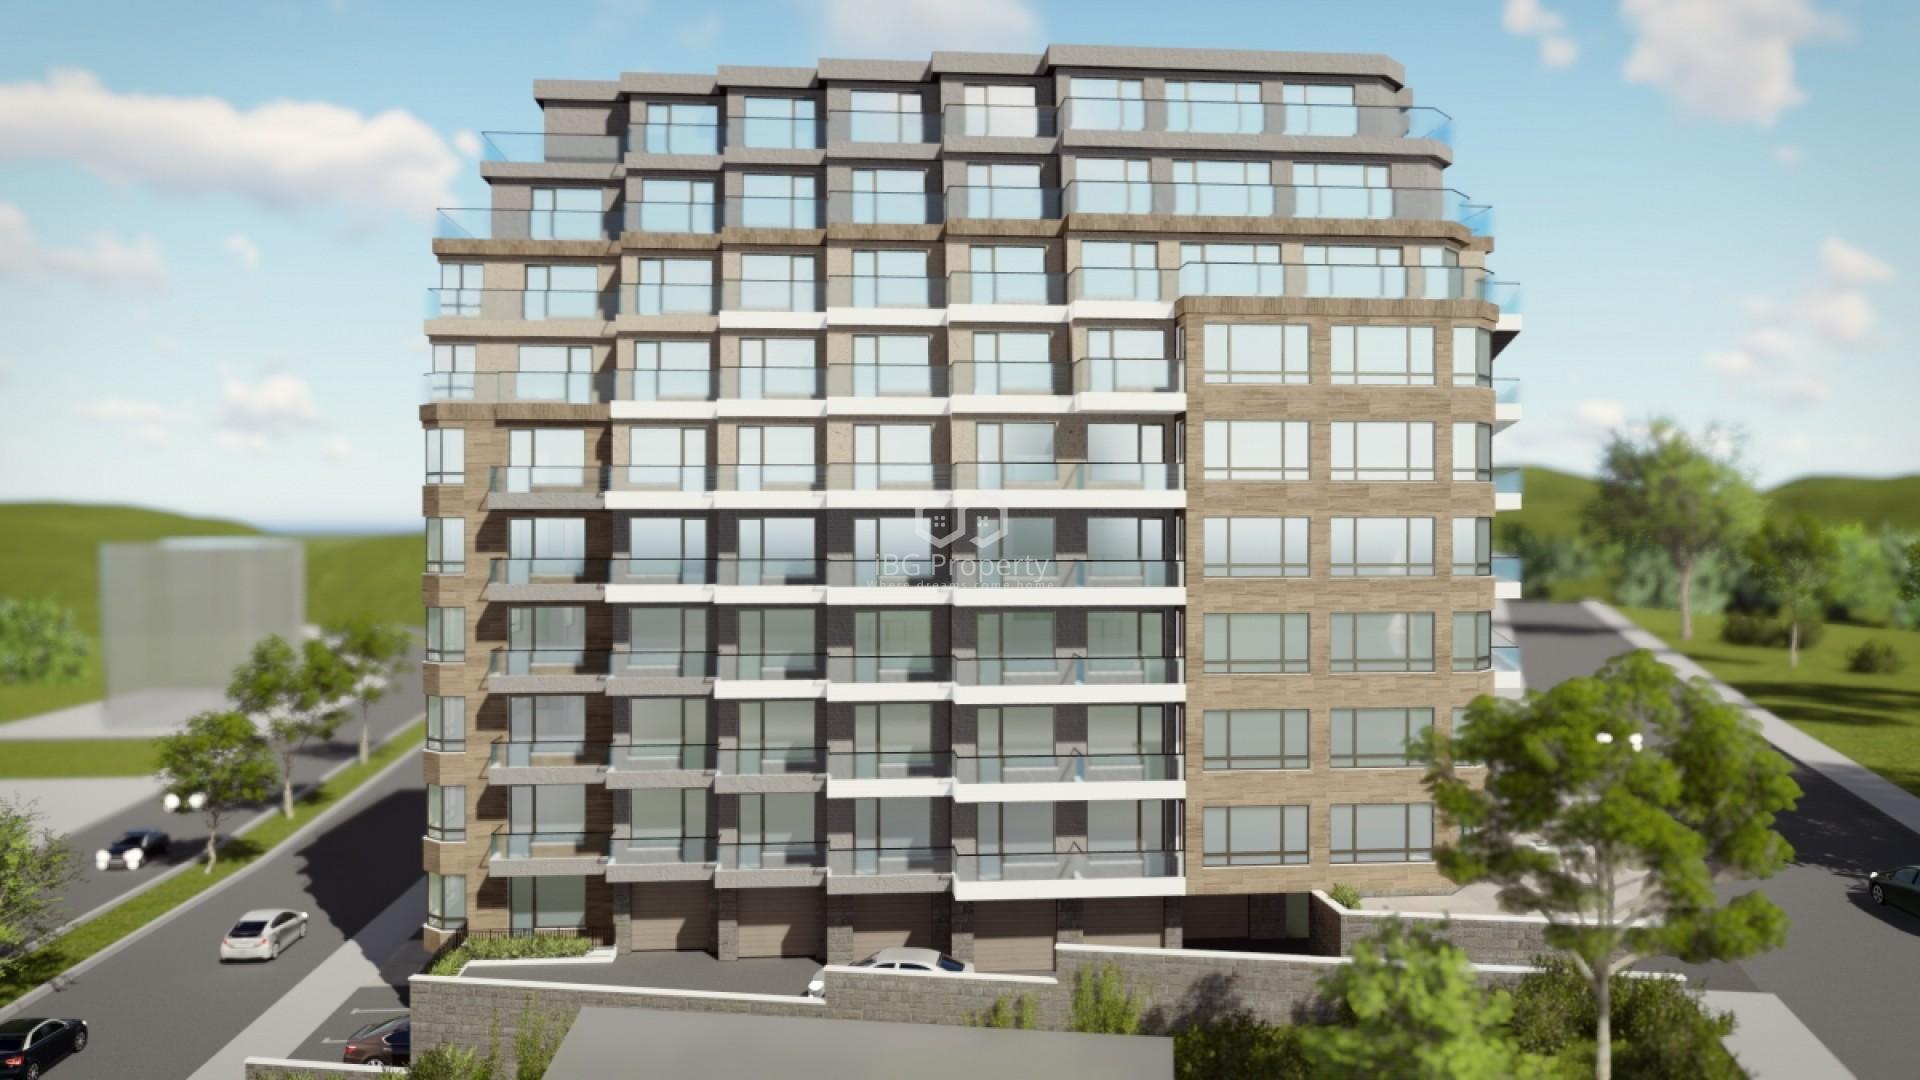 Трехкомнатная квартира Левски Варна 115,48 m2